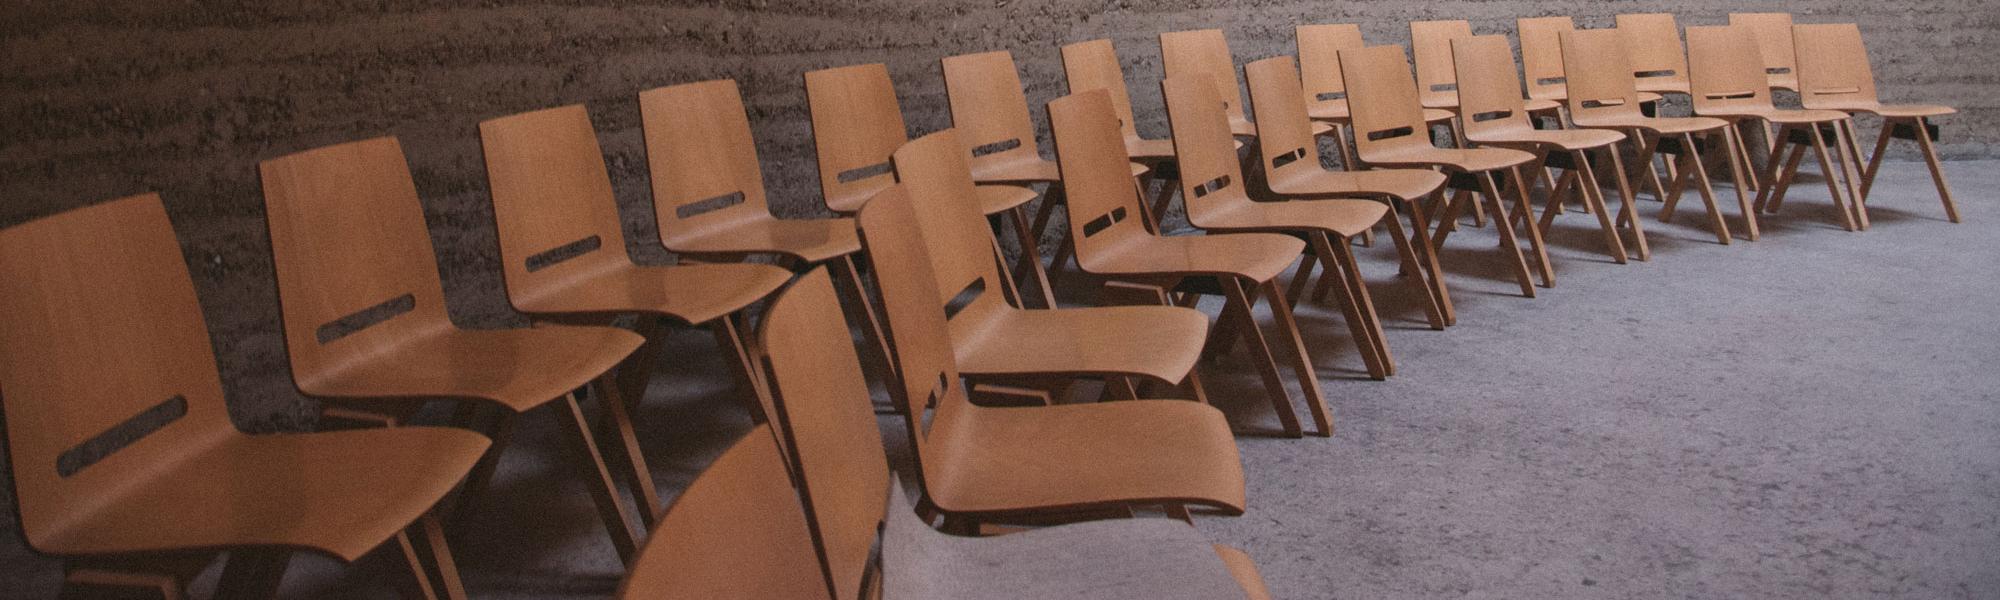 Chairs photo by Daniil Kuželev on Unsplash